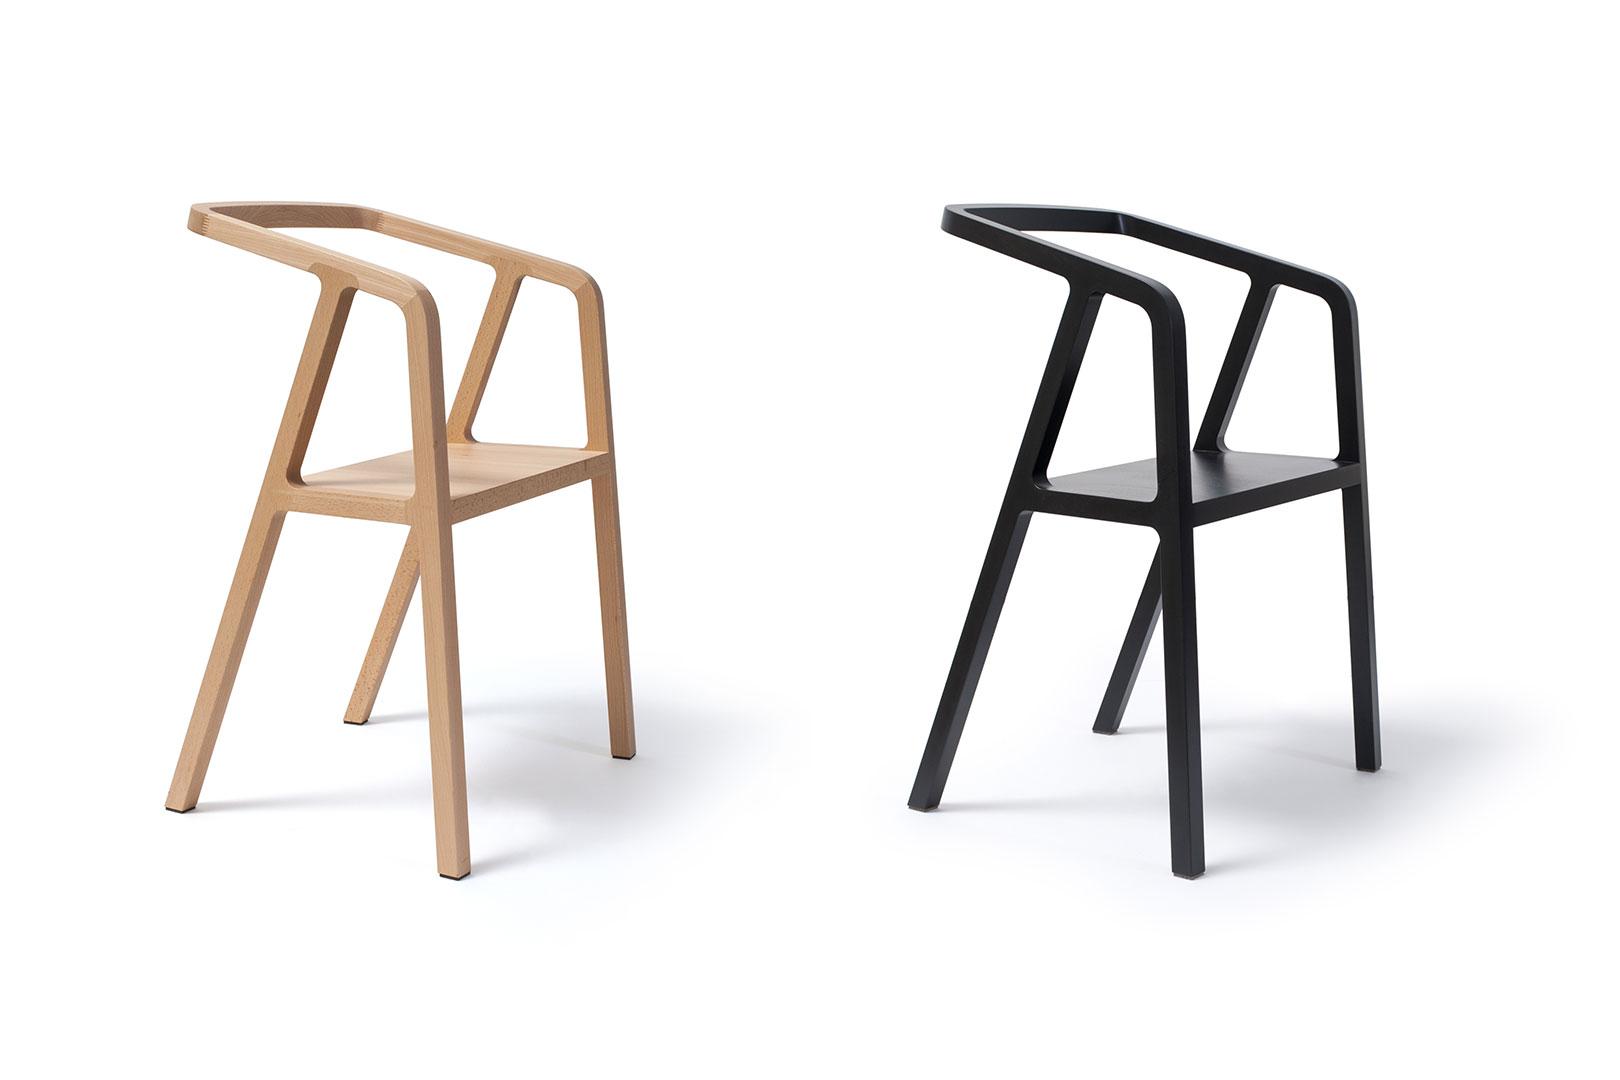 More than a chair | der A-Chair von Thomas Feichtner